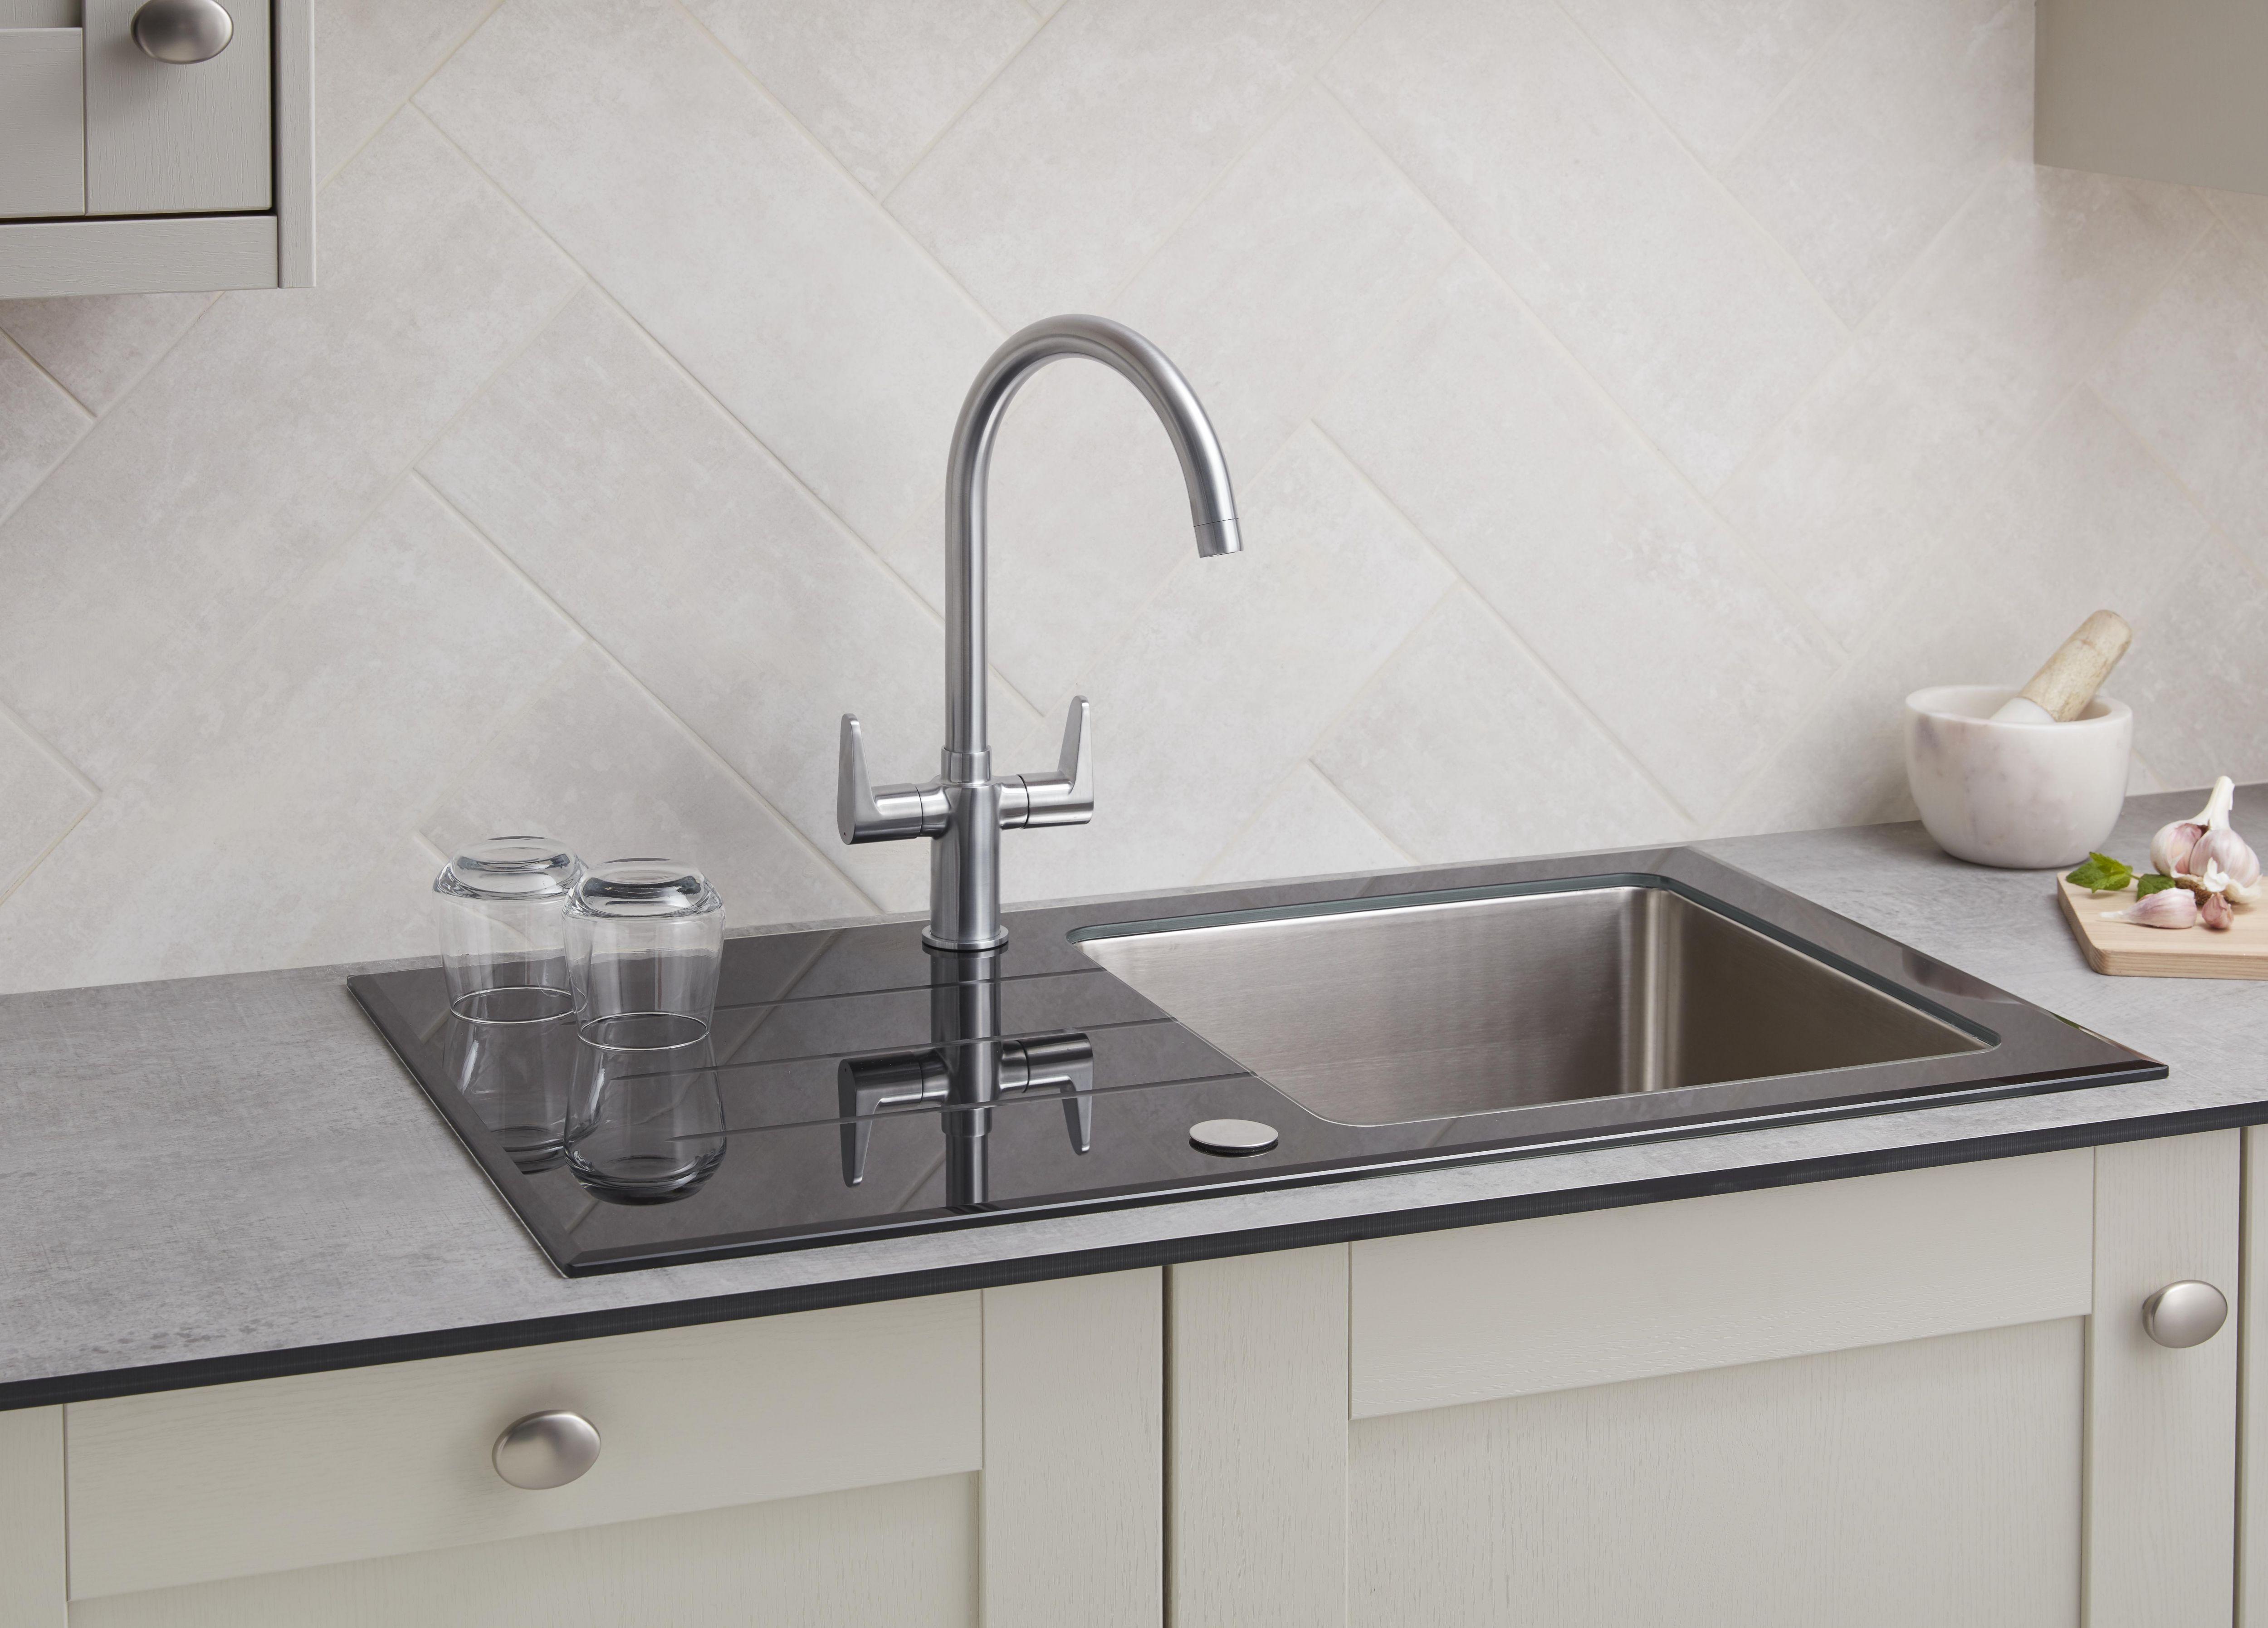 Monobloc Tap Installed In Kitchen Sink